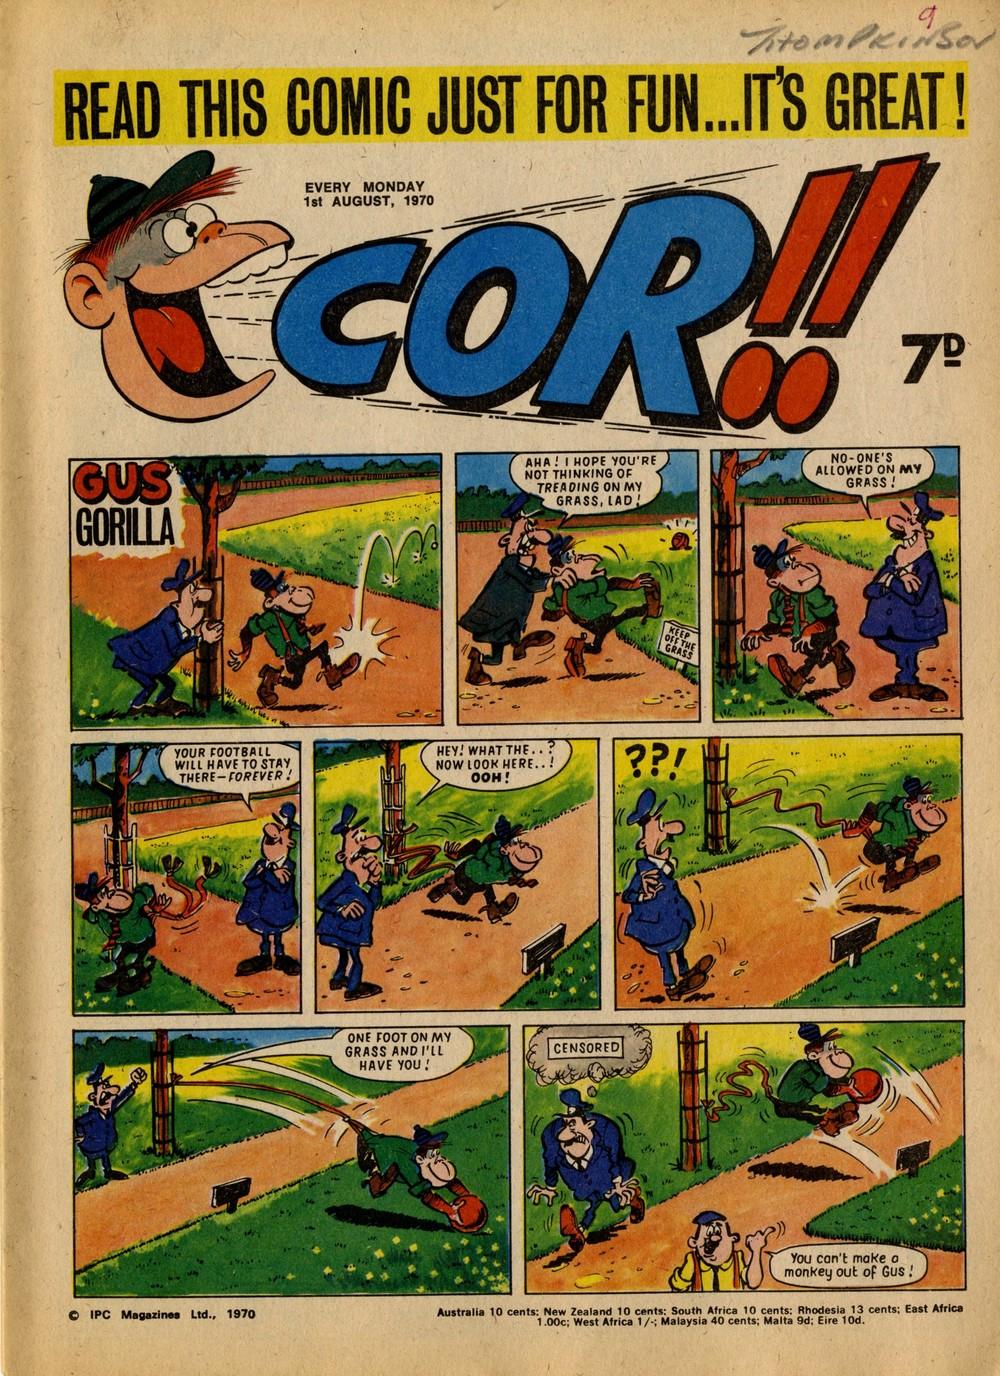 1 August 1970: Cor!! (Gus Gorilla: Alf Saporito (artist))